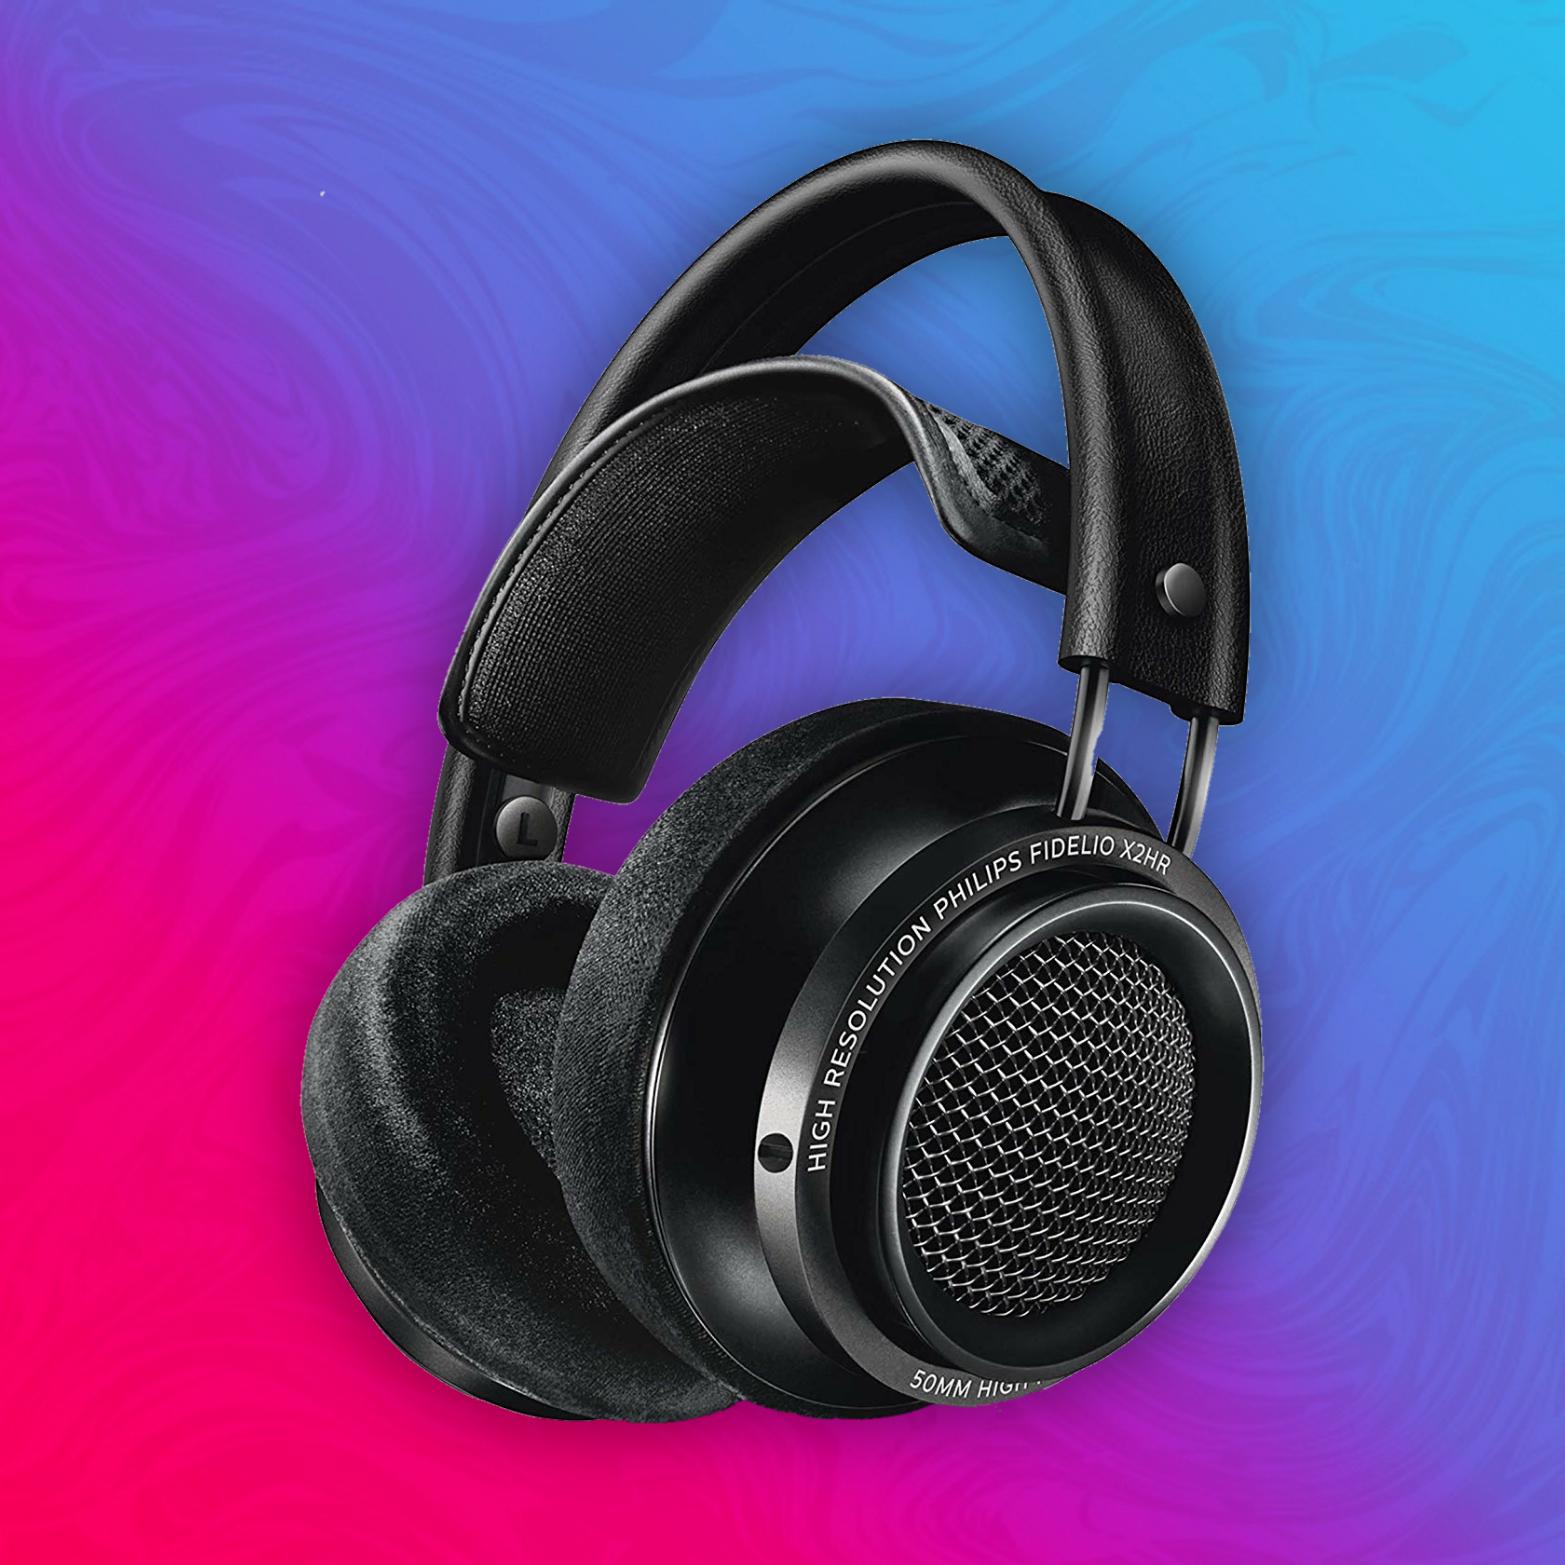 Philips Audio Fidelio X2HR/00 Over-Ear Kopfhörer (High Resolution, 50mm Neodymtreiber, Schaumstoff-Ohrpolster, Kabelclip)